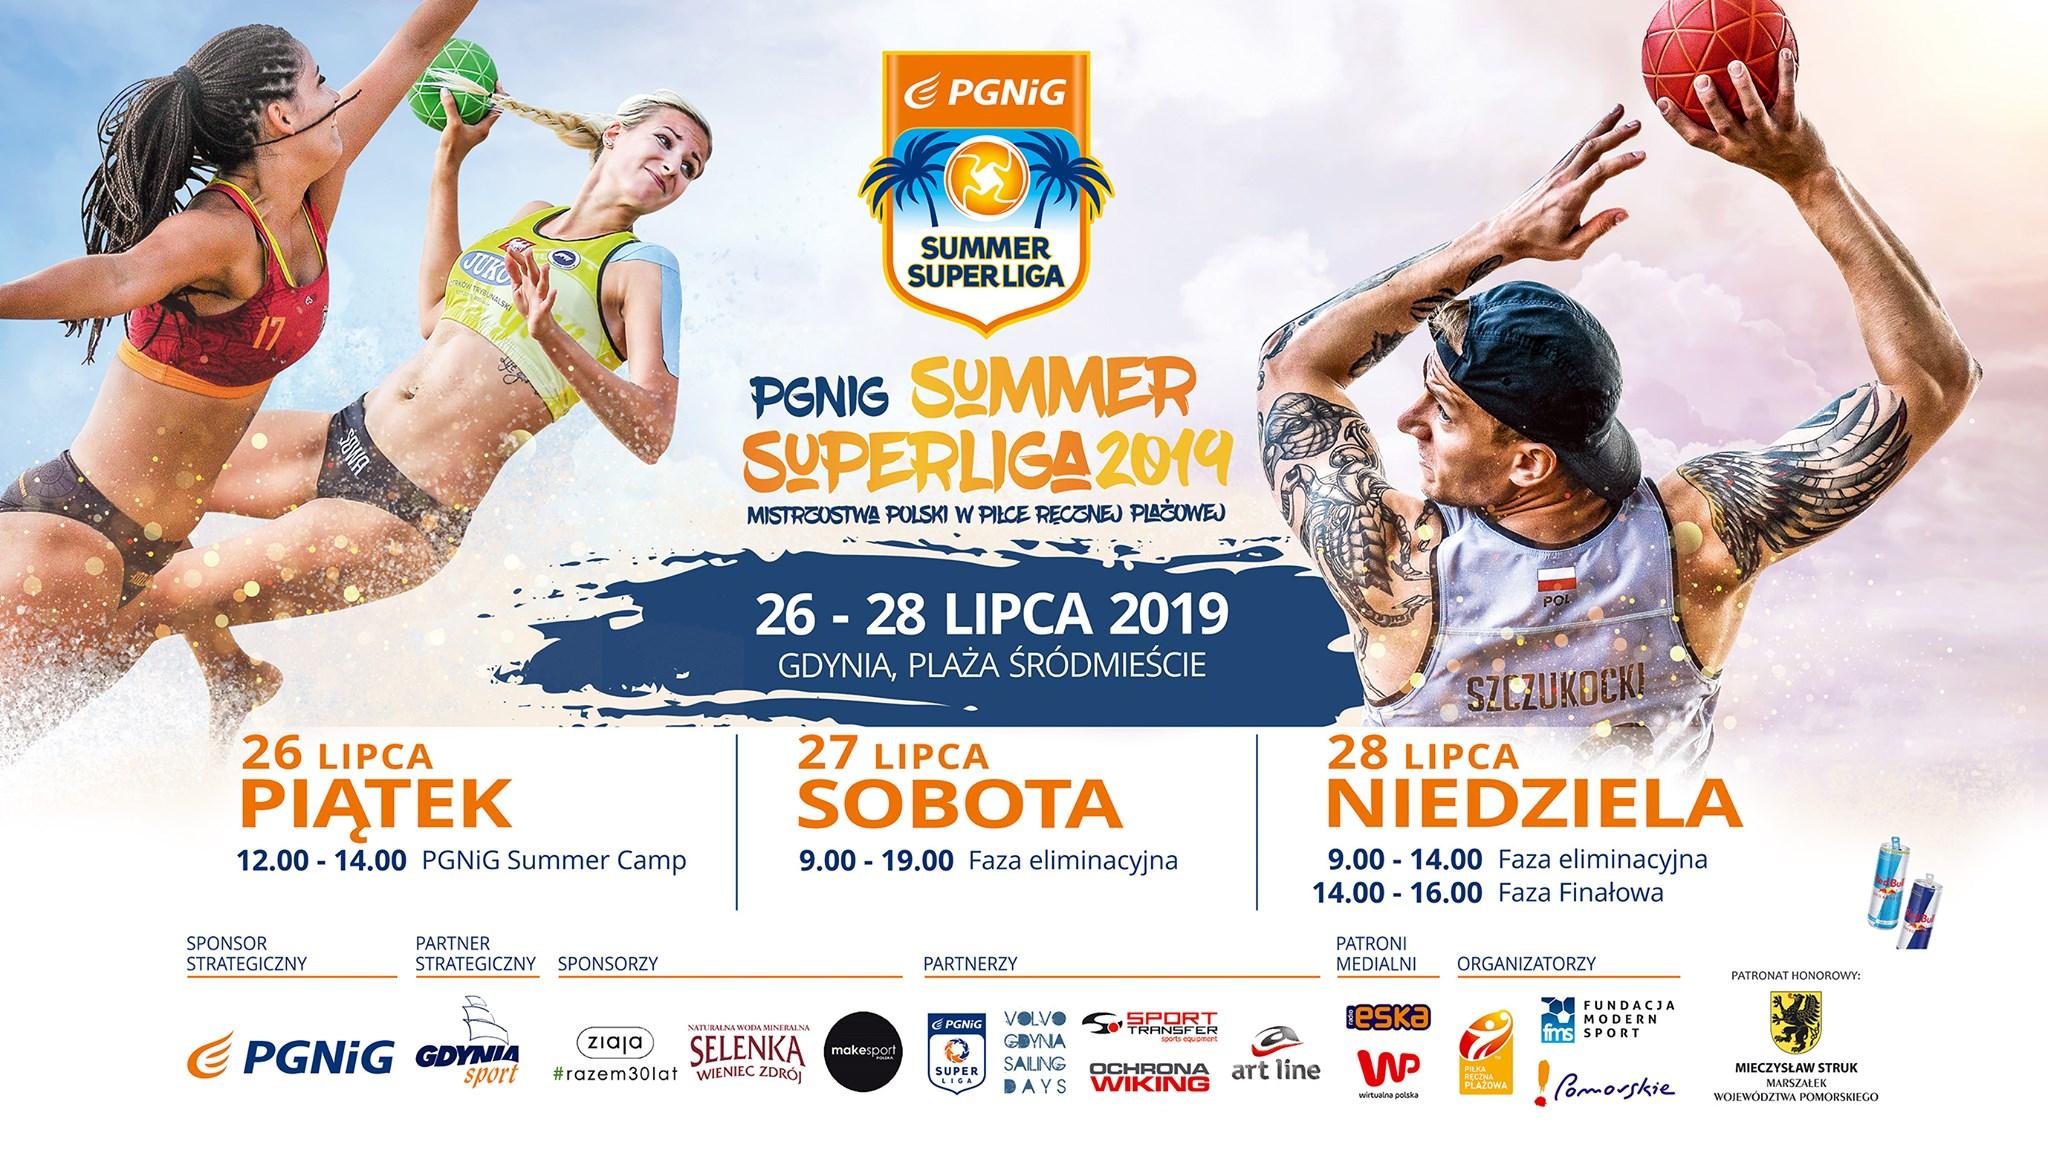 PGNiG Summer Superliga Gdynia 2019